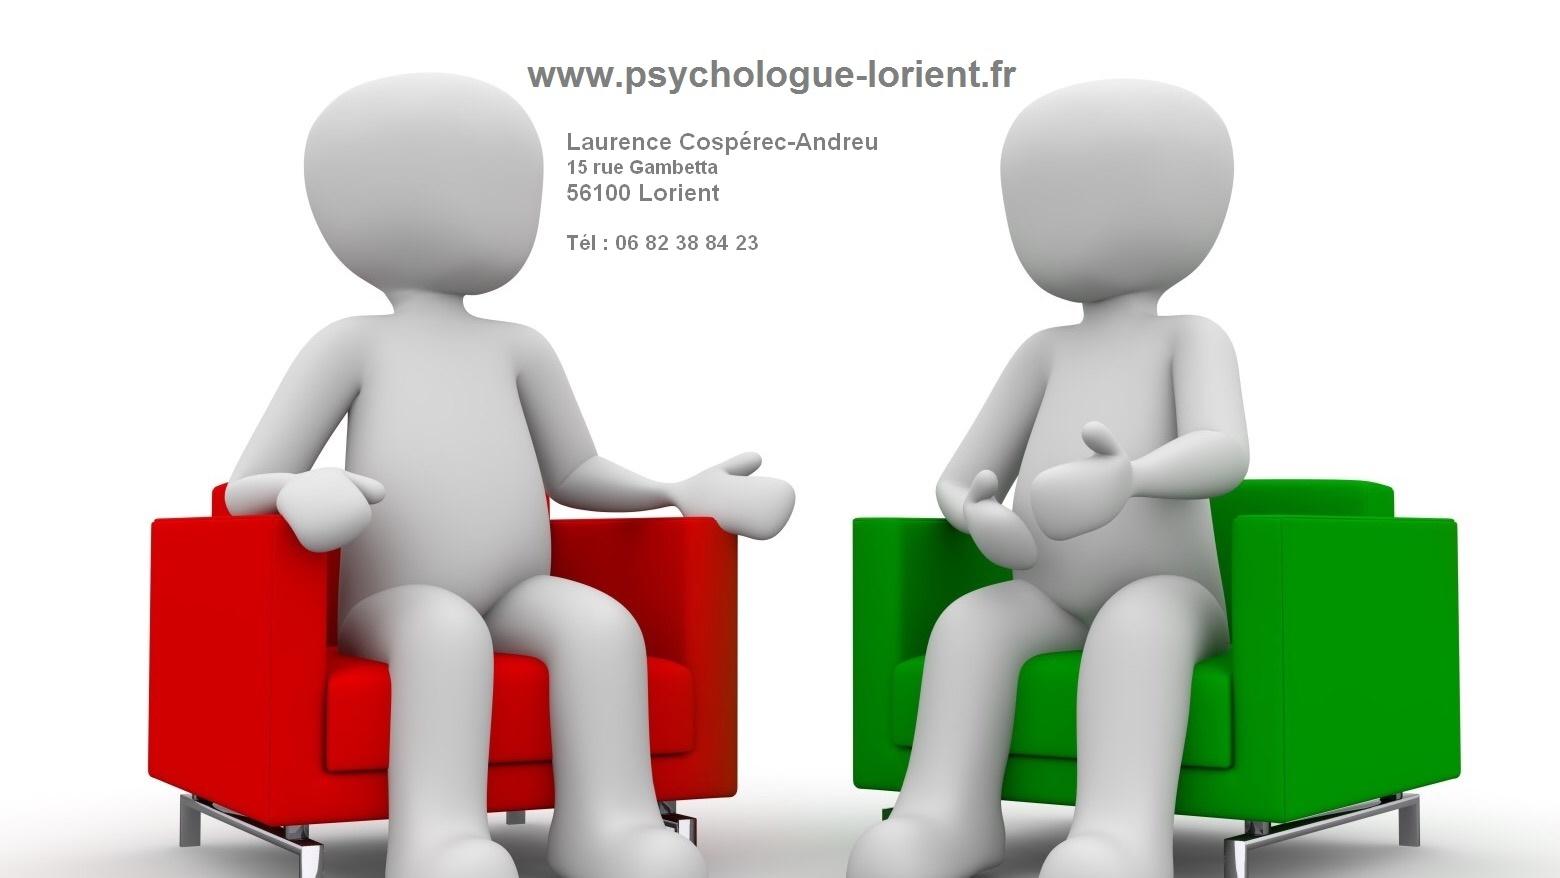 Cospérec-Andreu Laurence, Psychologue de l'enfant, de l'adulte et de la famille à Lorient